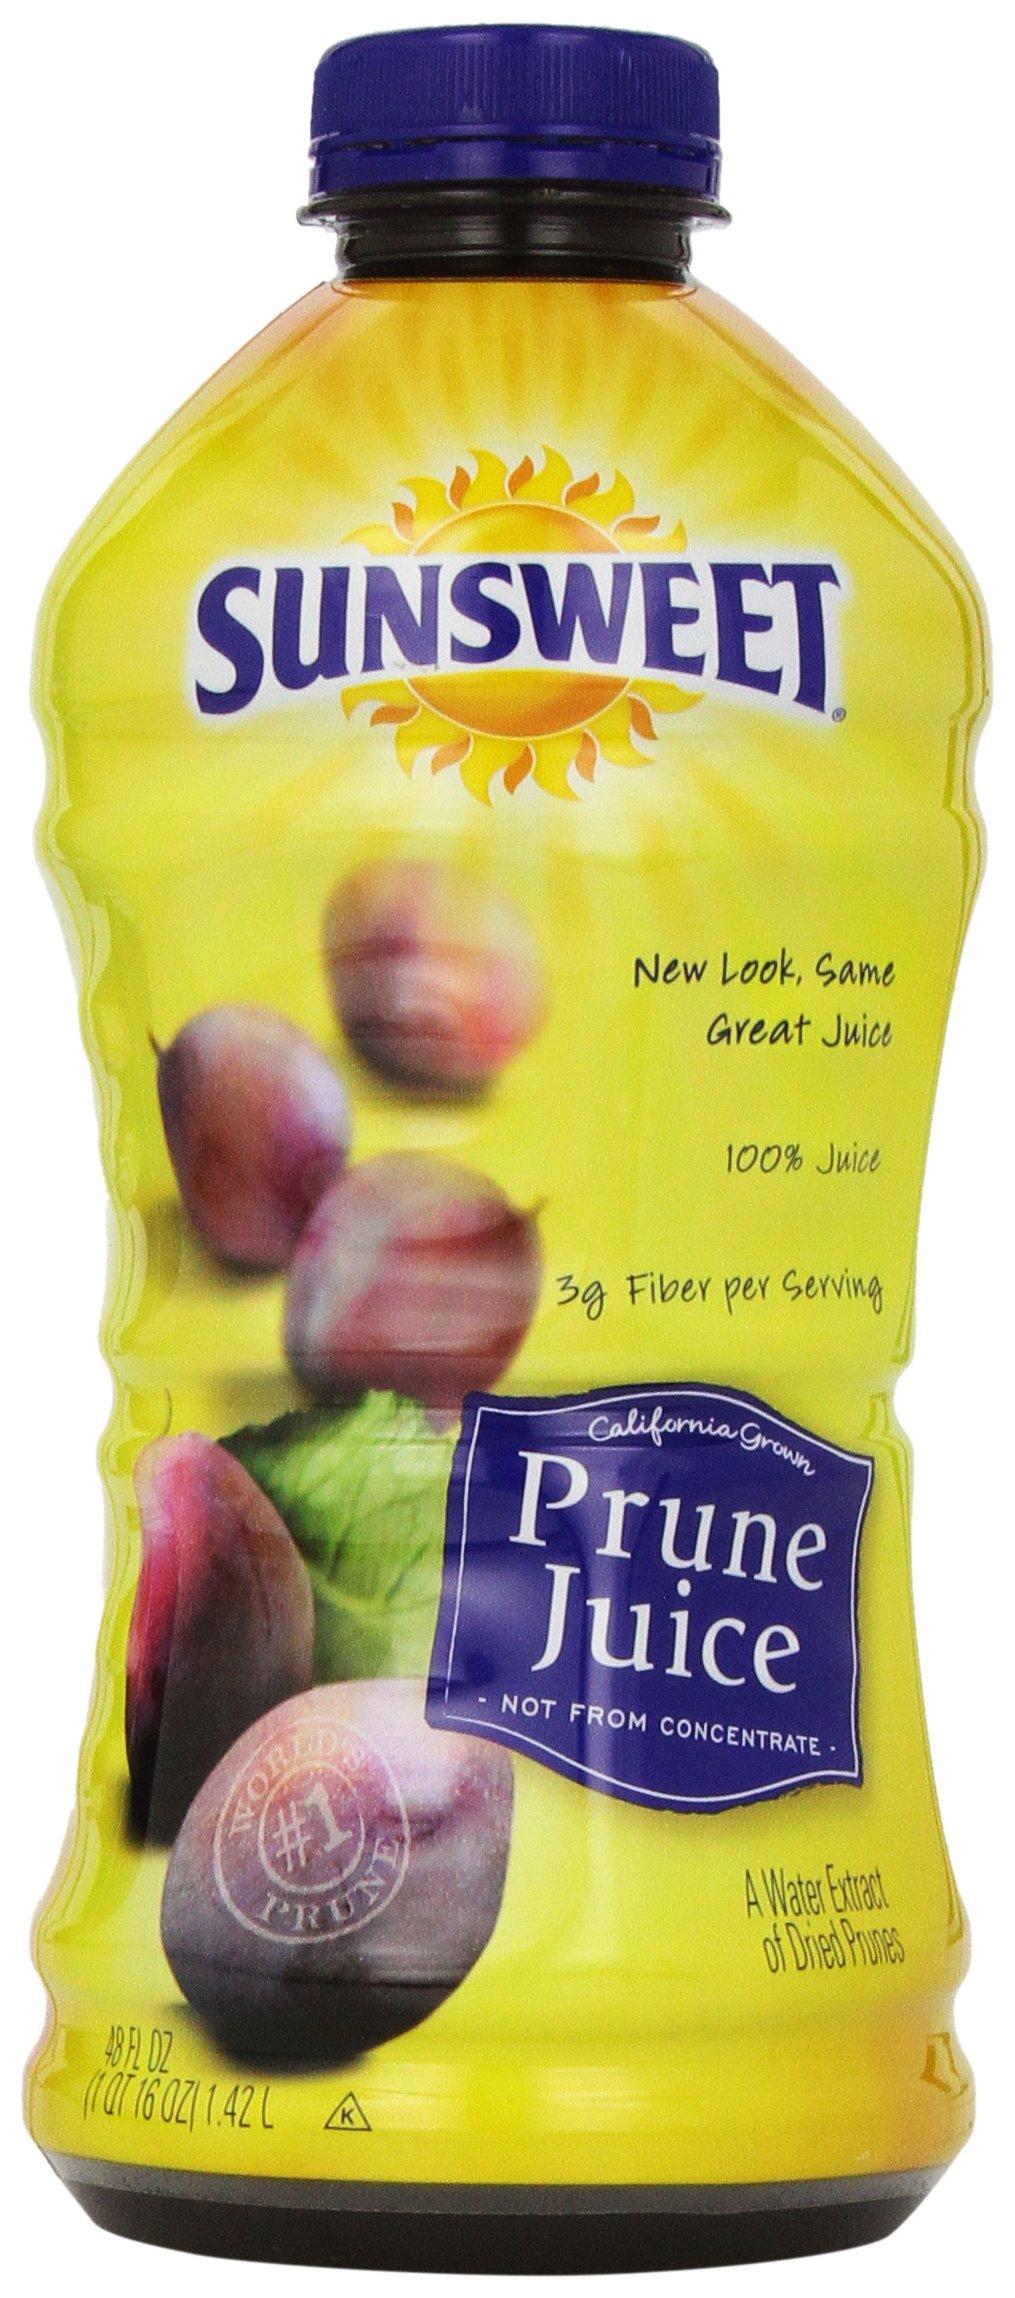 Sunsweet Prune Juice, 48 oz